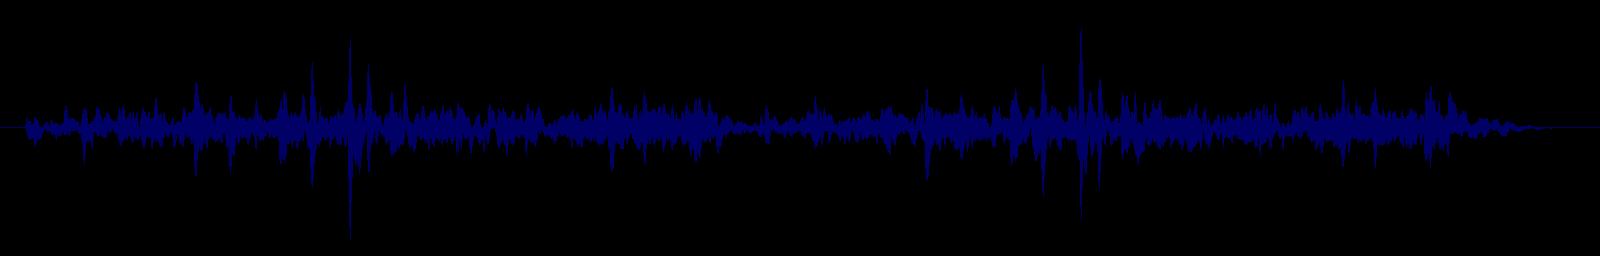 waveform of track #129666